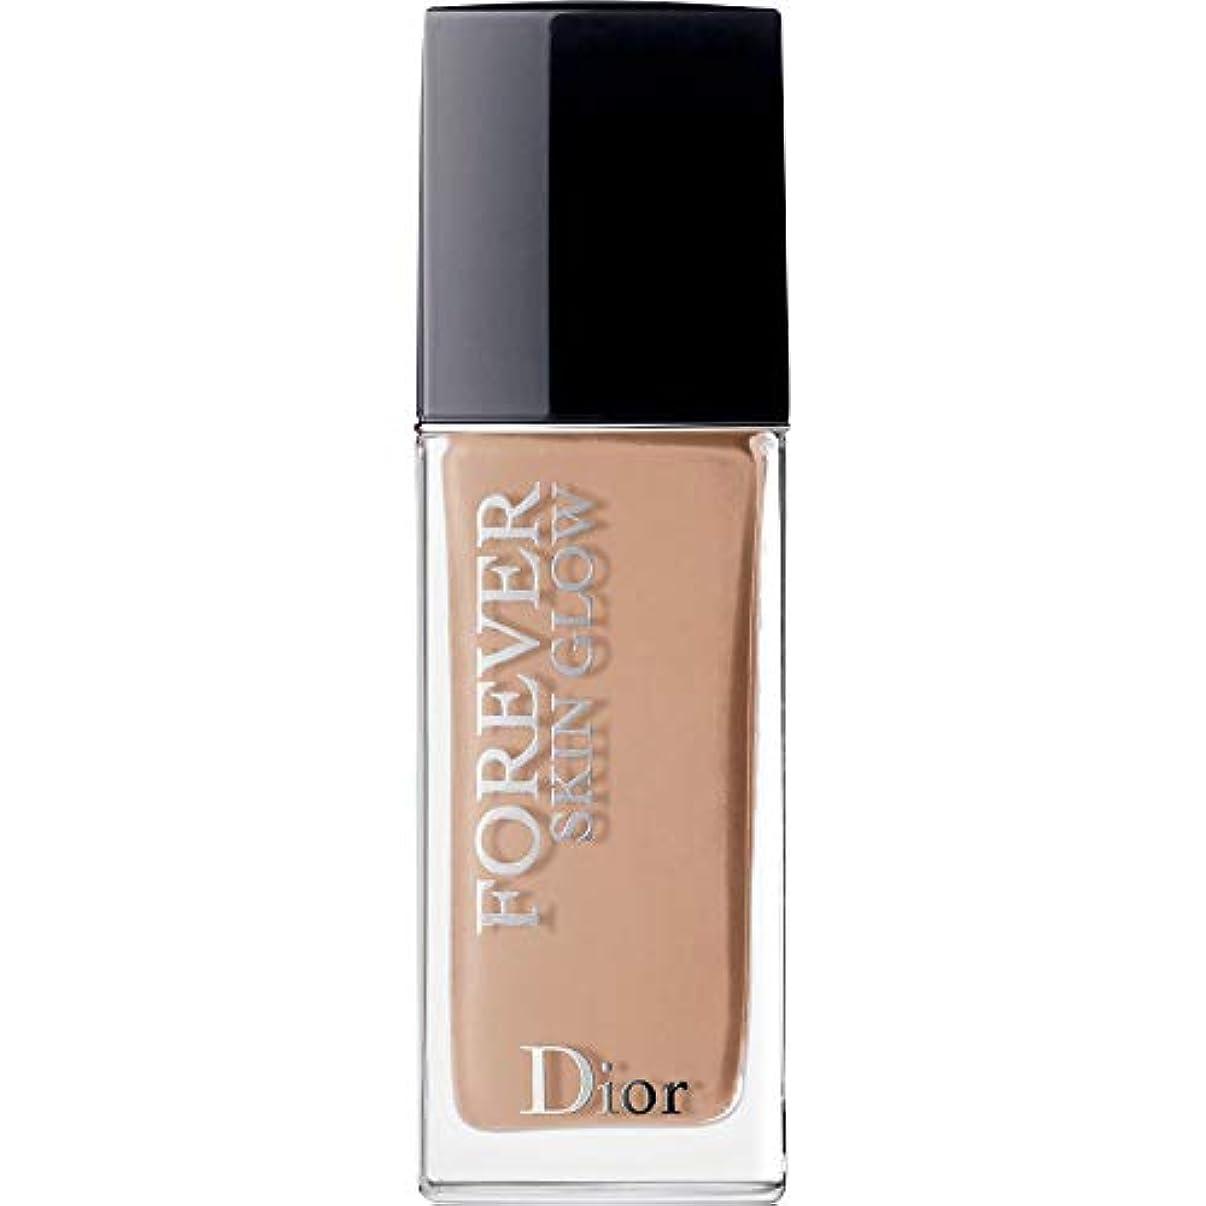 未知の軸翻訳する[Dior ] ディオール永遠に皮膚グロー皮膚思いやりの基礎Spf35 30ミリリットル4Cを - クール(肌の輝き) - DIOR Forever Skin Glow Skin-Caring Foundation SPF35...